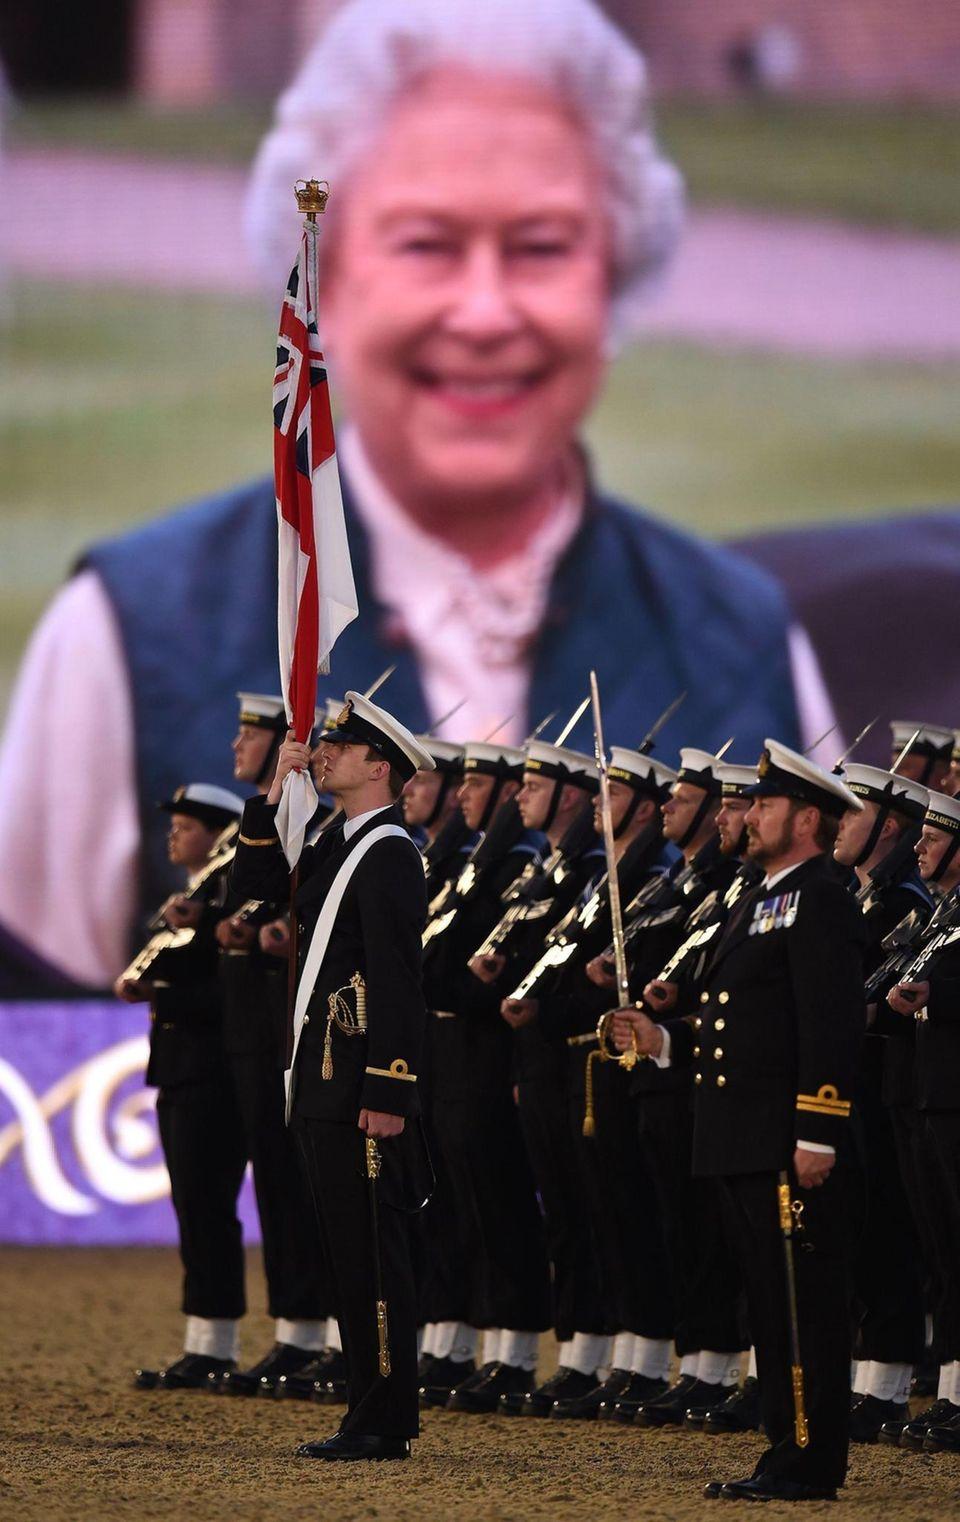 """Die erste Show fiel ins Wasser, am Donnerstag klappte es aber. Mitglieder der """"Royal Navy"""" treten dabei ebenso auf wie insgesamt 1.500 Akteure und rund 900 Pferde. Und das alles zu Ehren der Königin."""